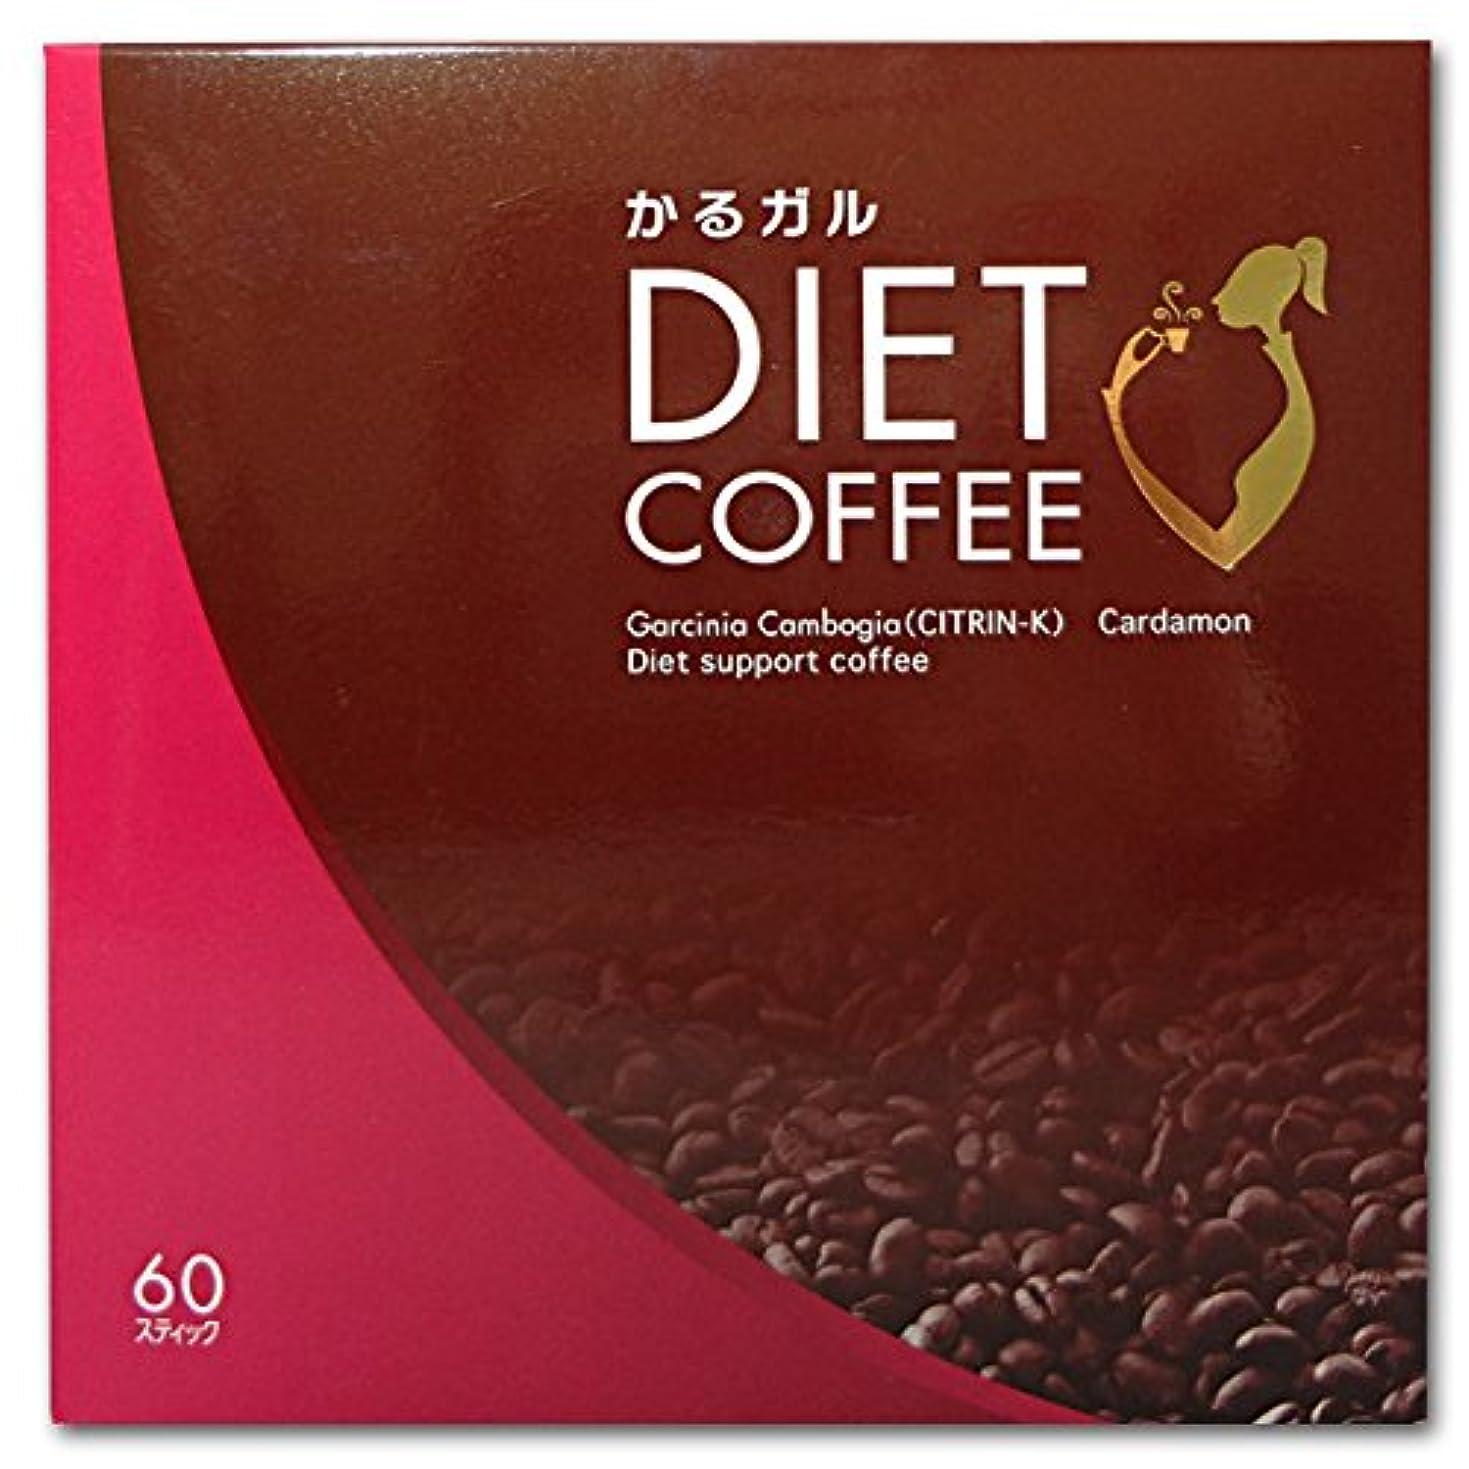 下位怒りできるエル?エスコーポレーション カルがるDIET COFFEE(ダイエットコーヒー) 60袋